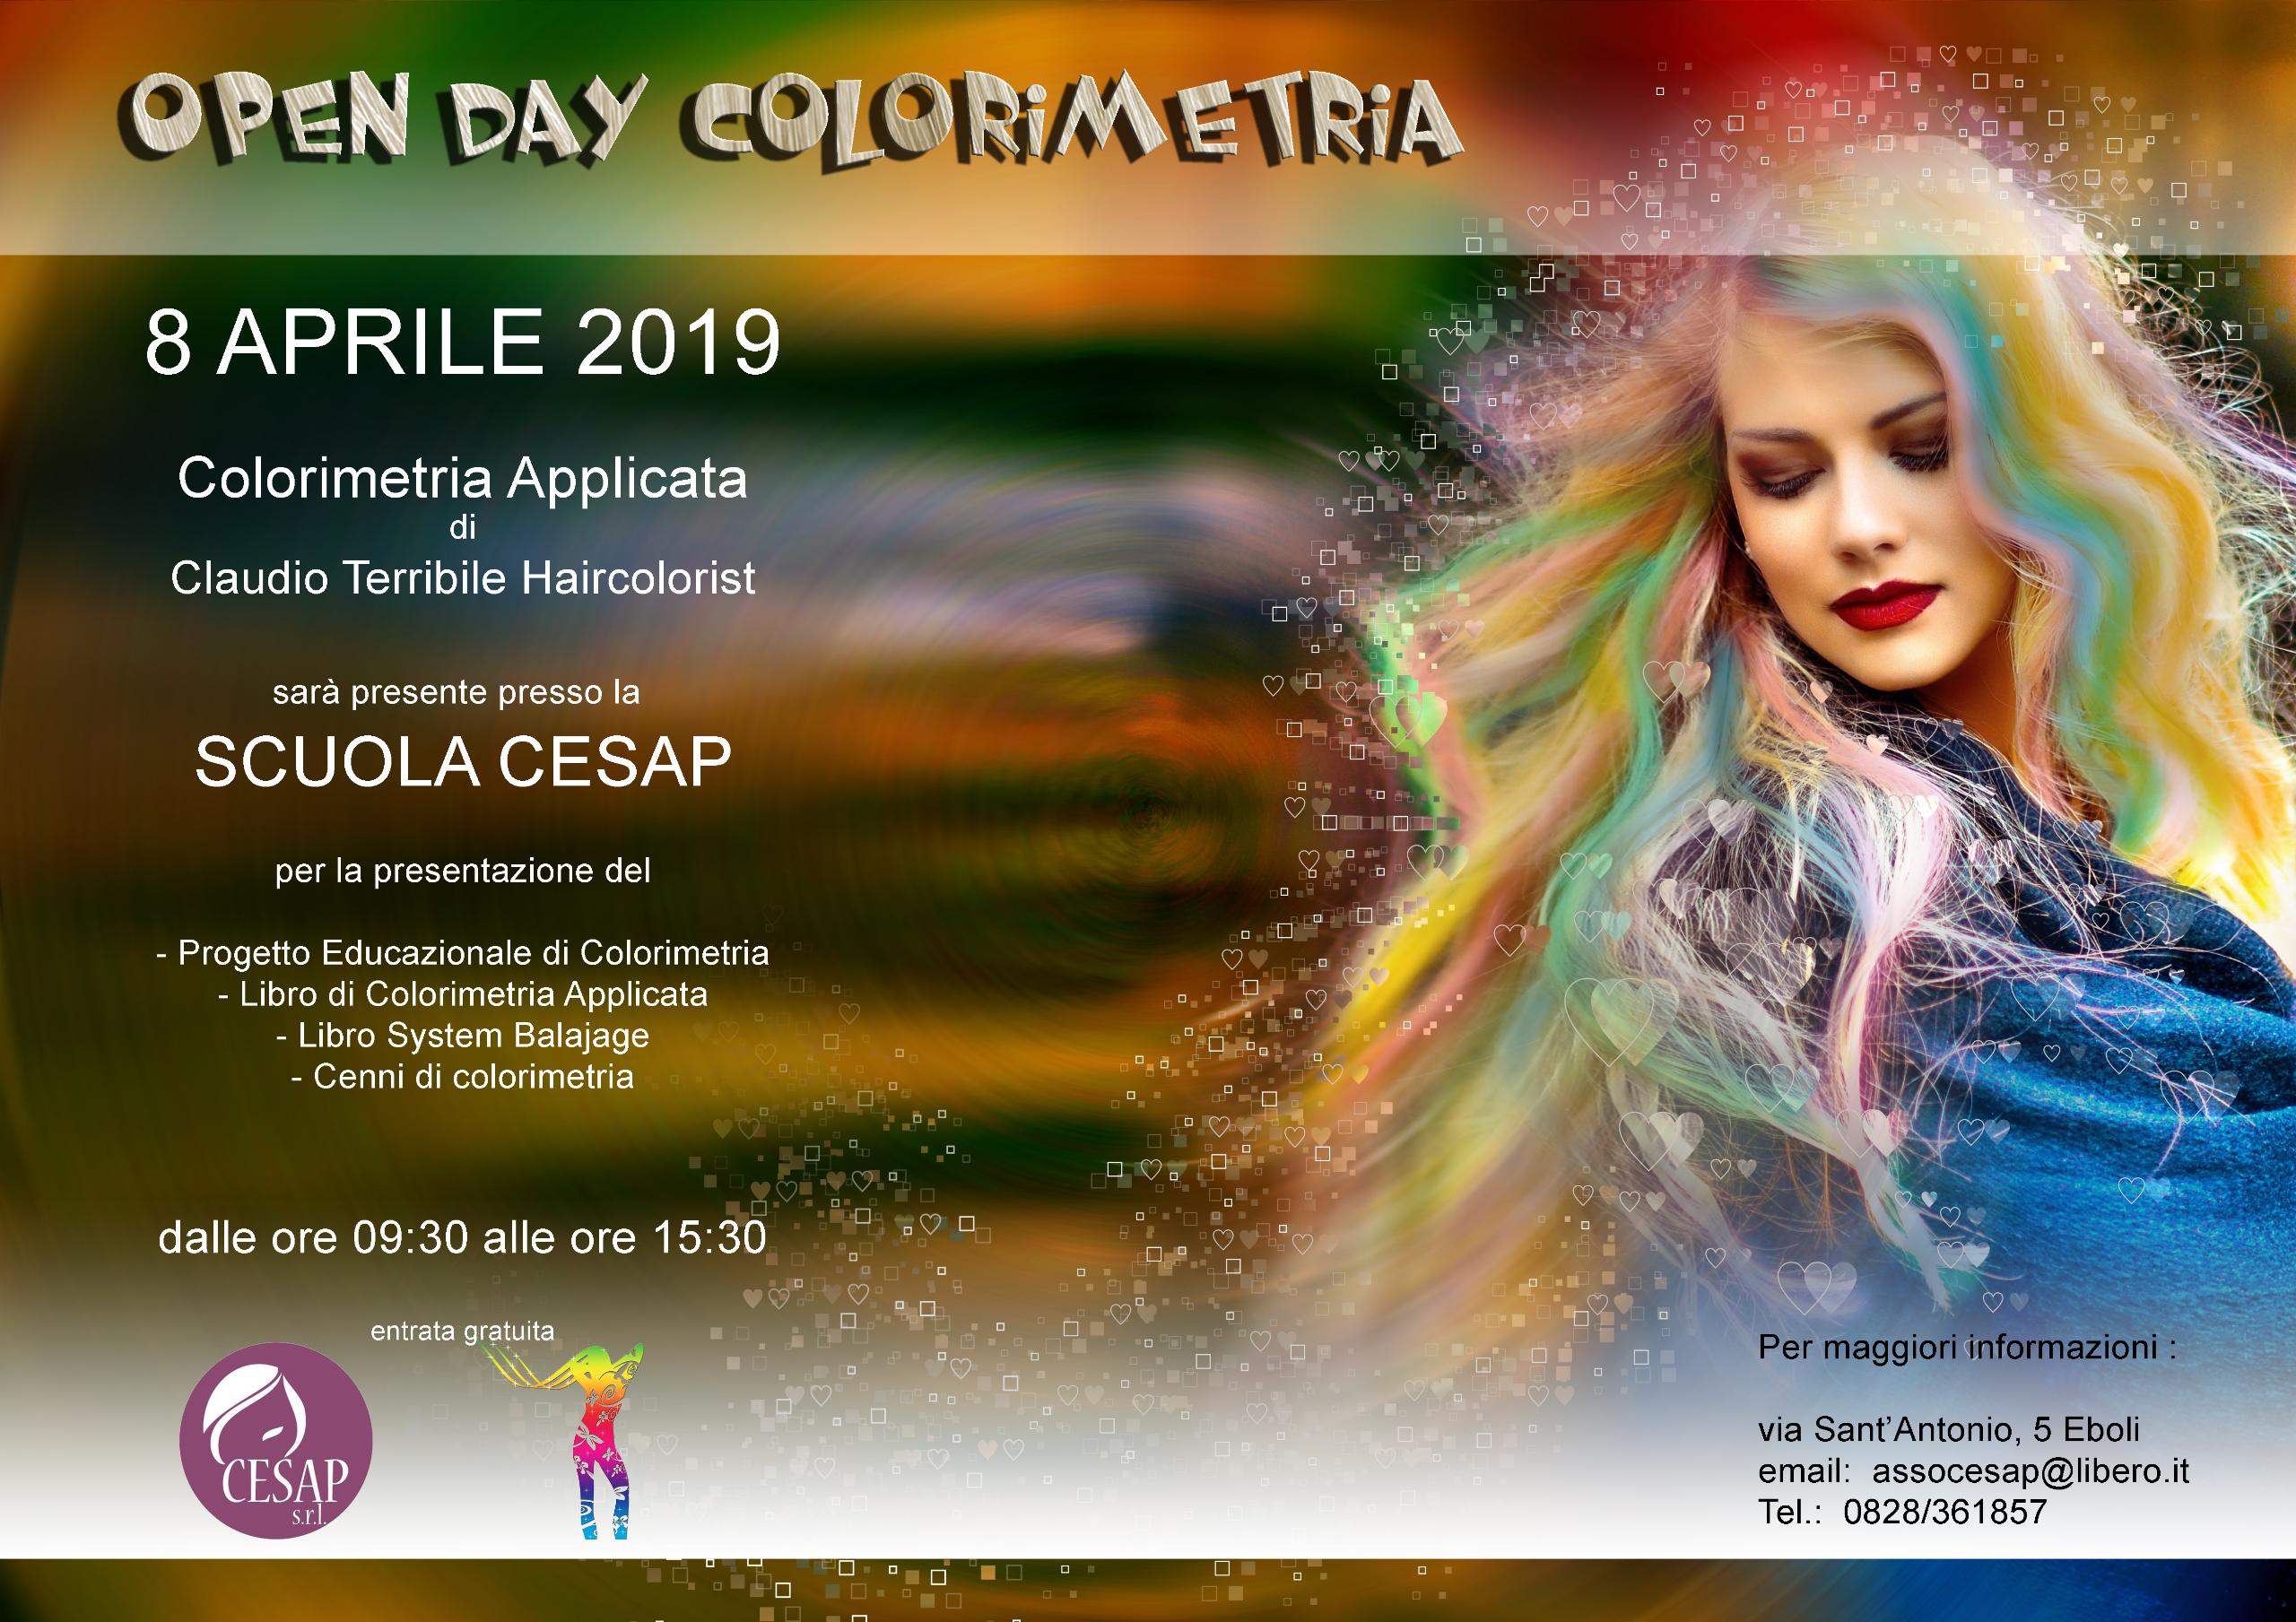 Open Day di Colorimetria di Claudio Terribile Haircolorist presso la Scuola Cesap di Eboli